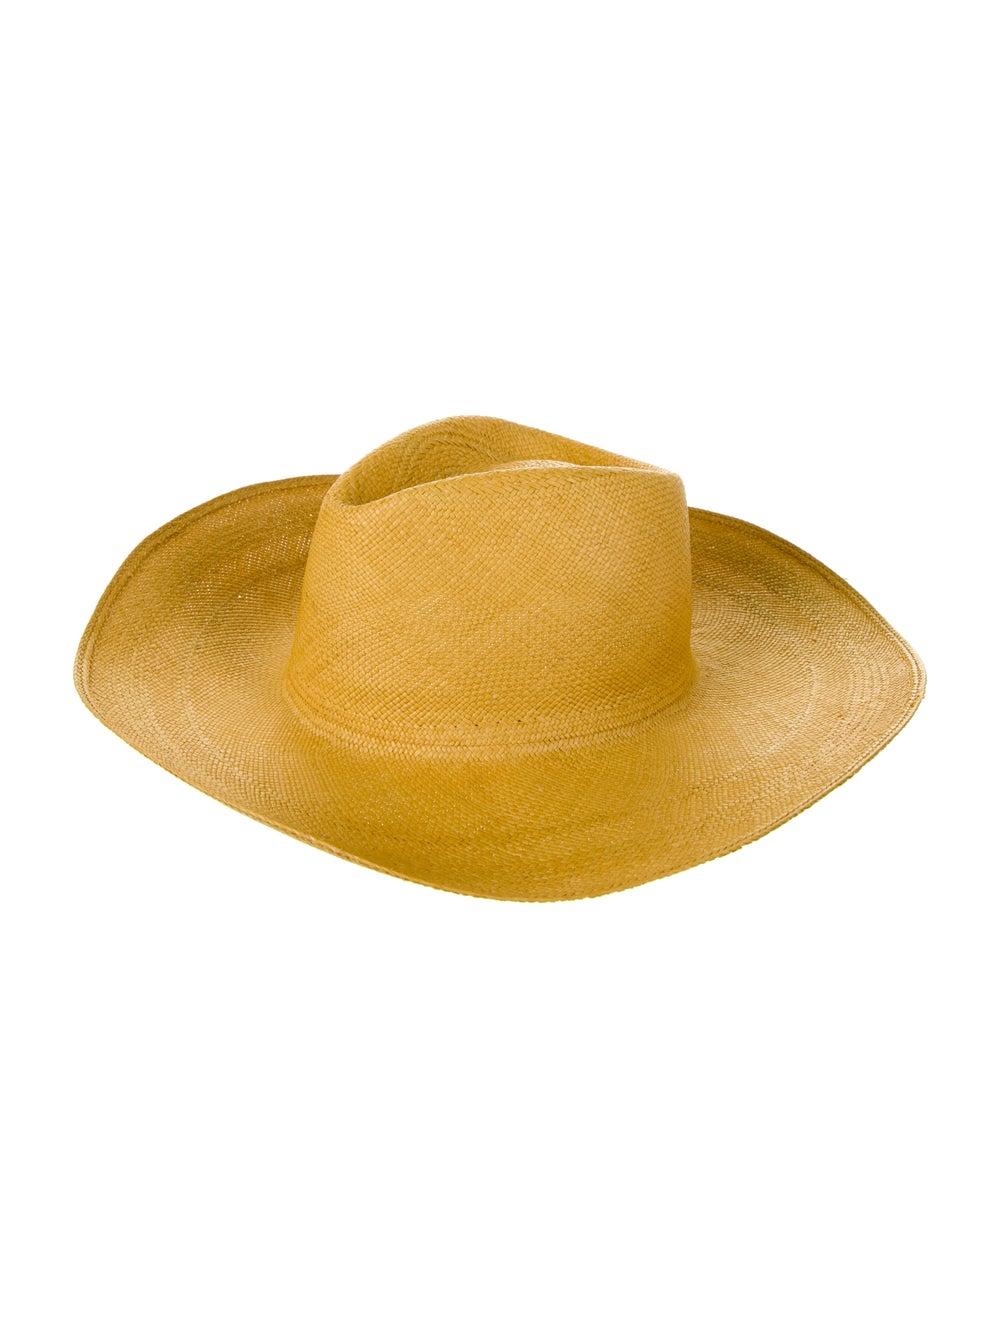 Clyde Wide Brim Straw Hat - image 1